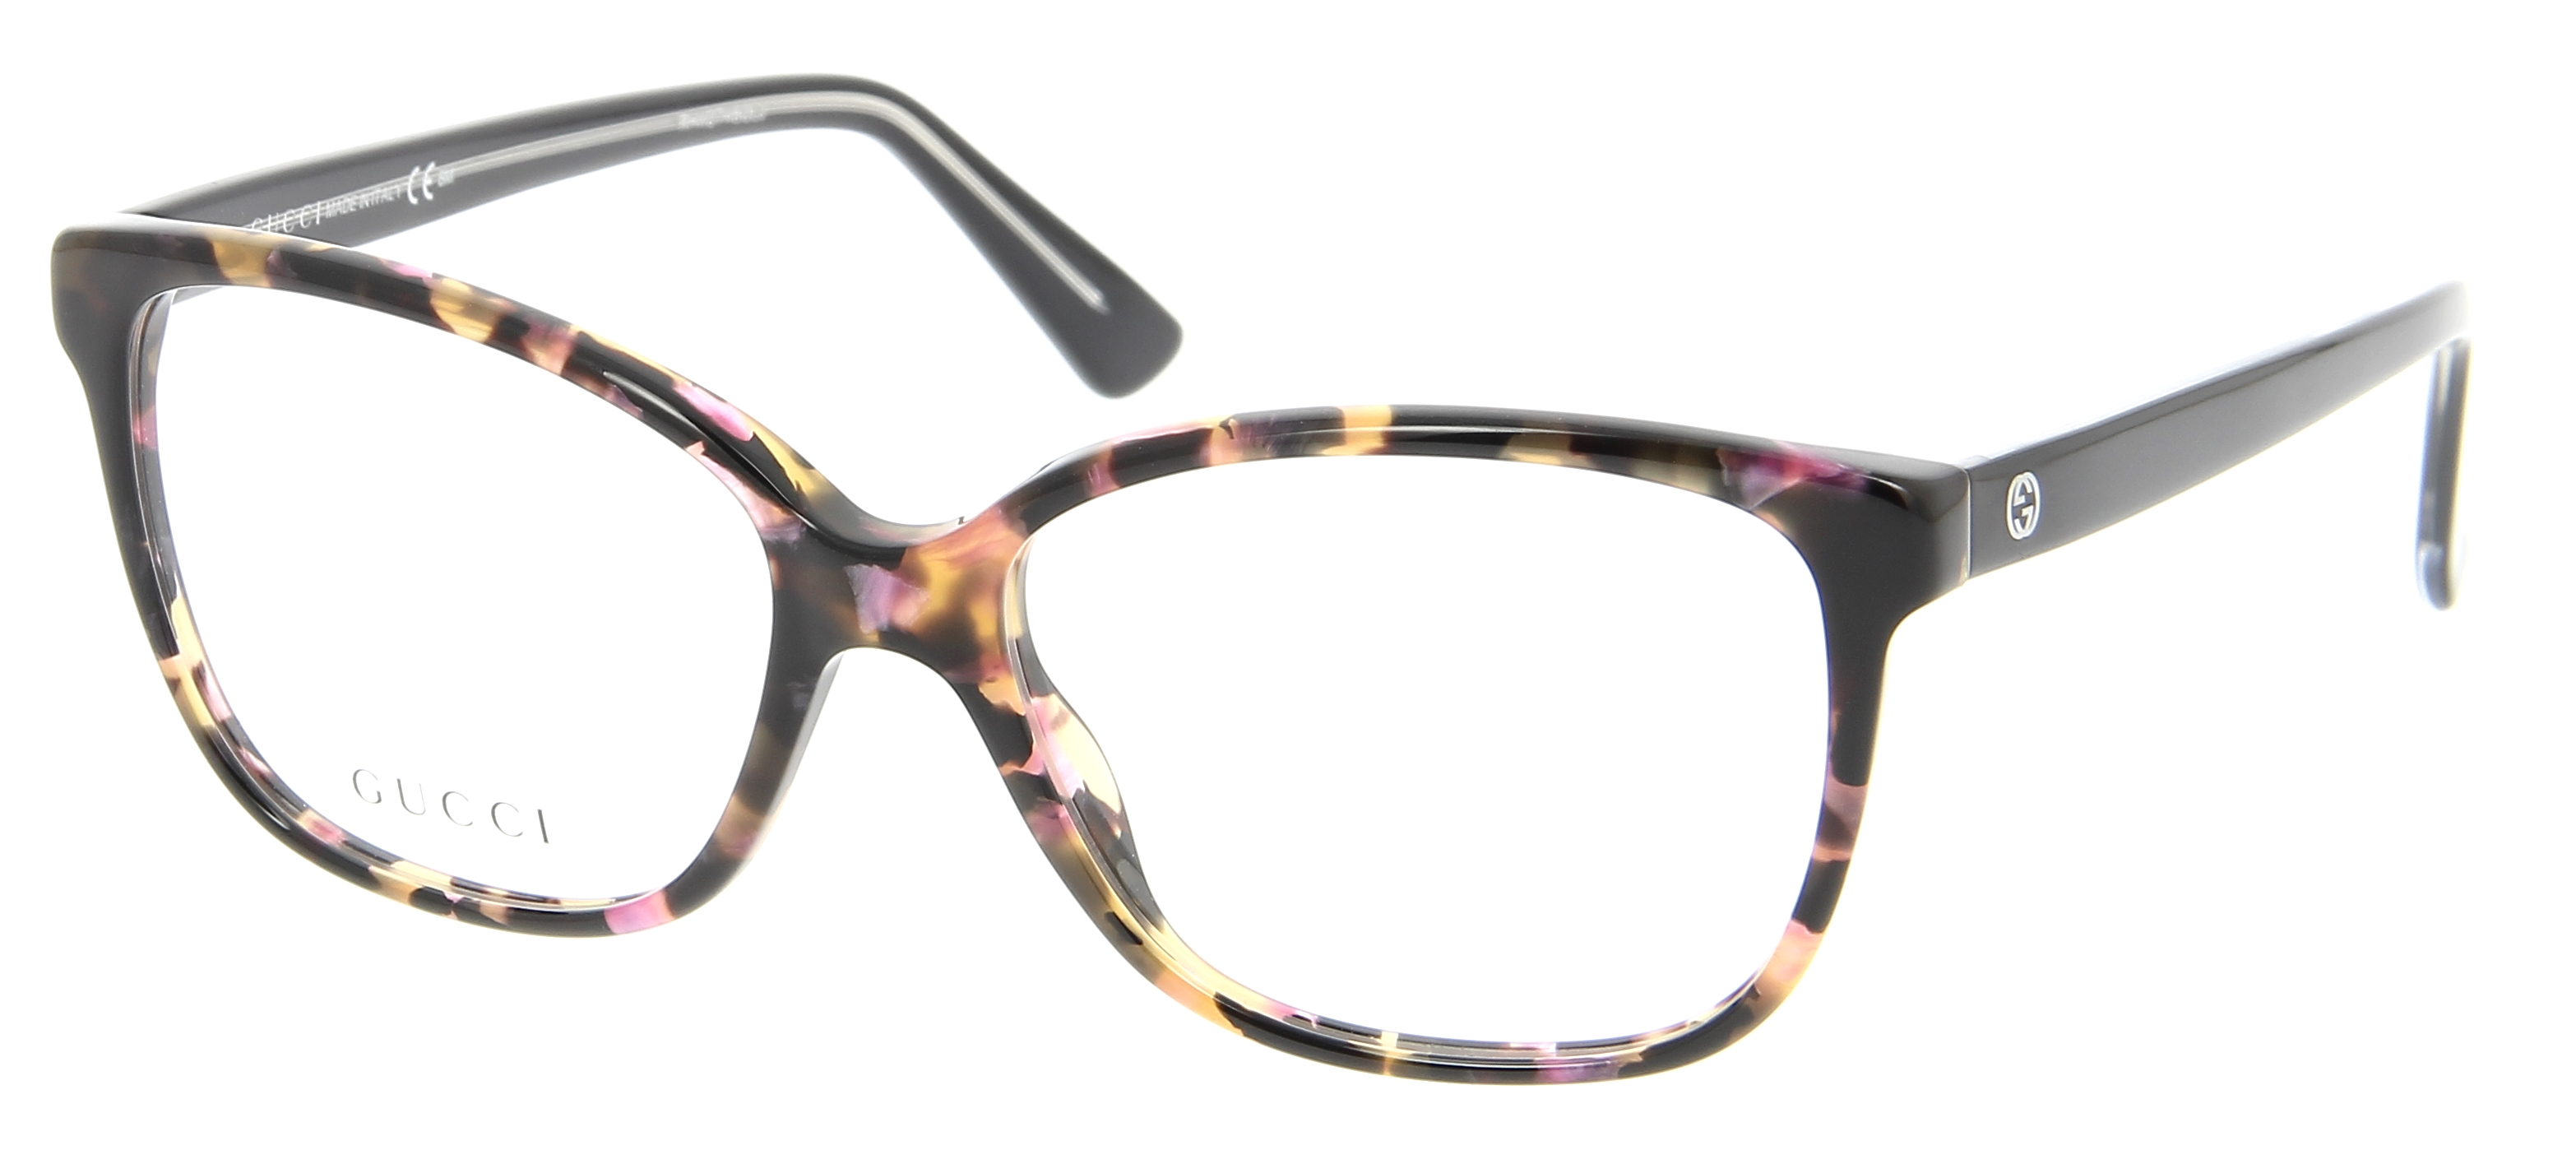 lunettes de vue gucci gg 3724 hpa 53 15 femme ecaille rose arrondie cercl e tendance 53mmx15mm. Black Bedroom Furniture Sets. Home Design Ideas